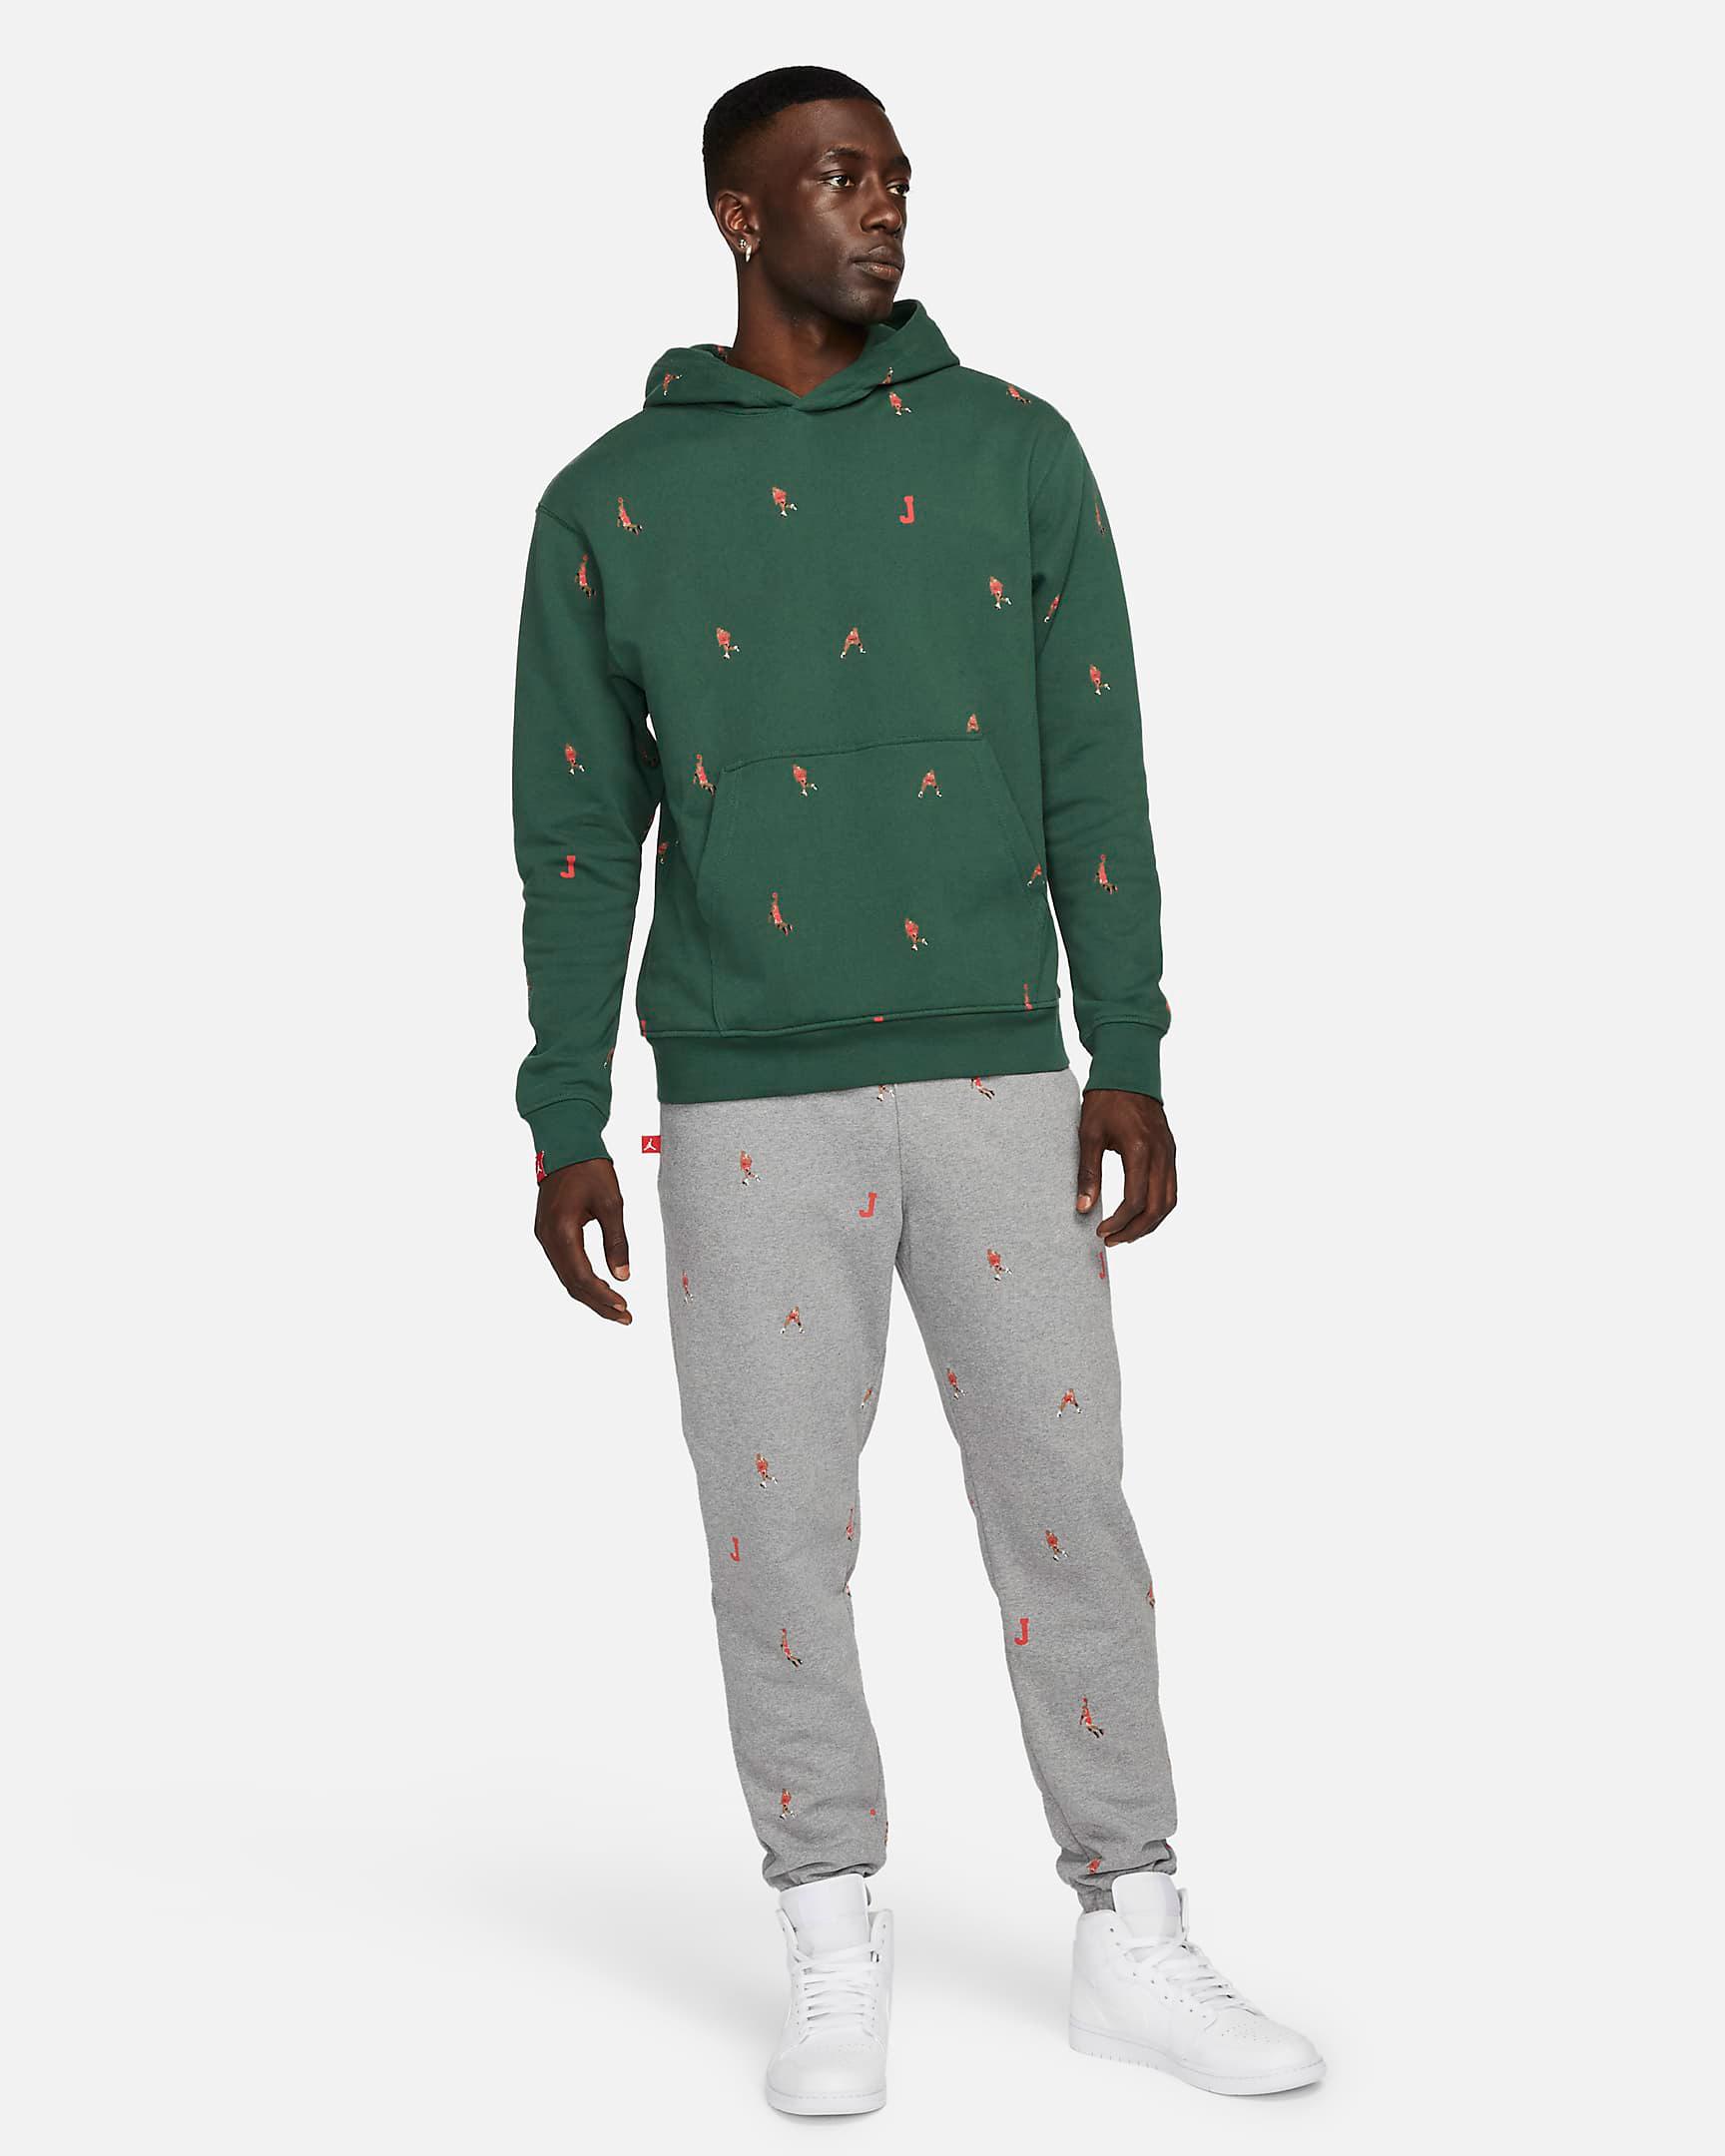 jordan-noble-green-essentials-printed-hoodie-pants-outfit